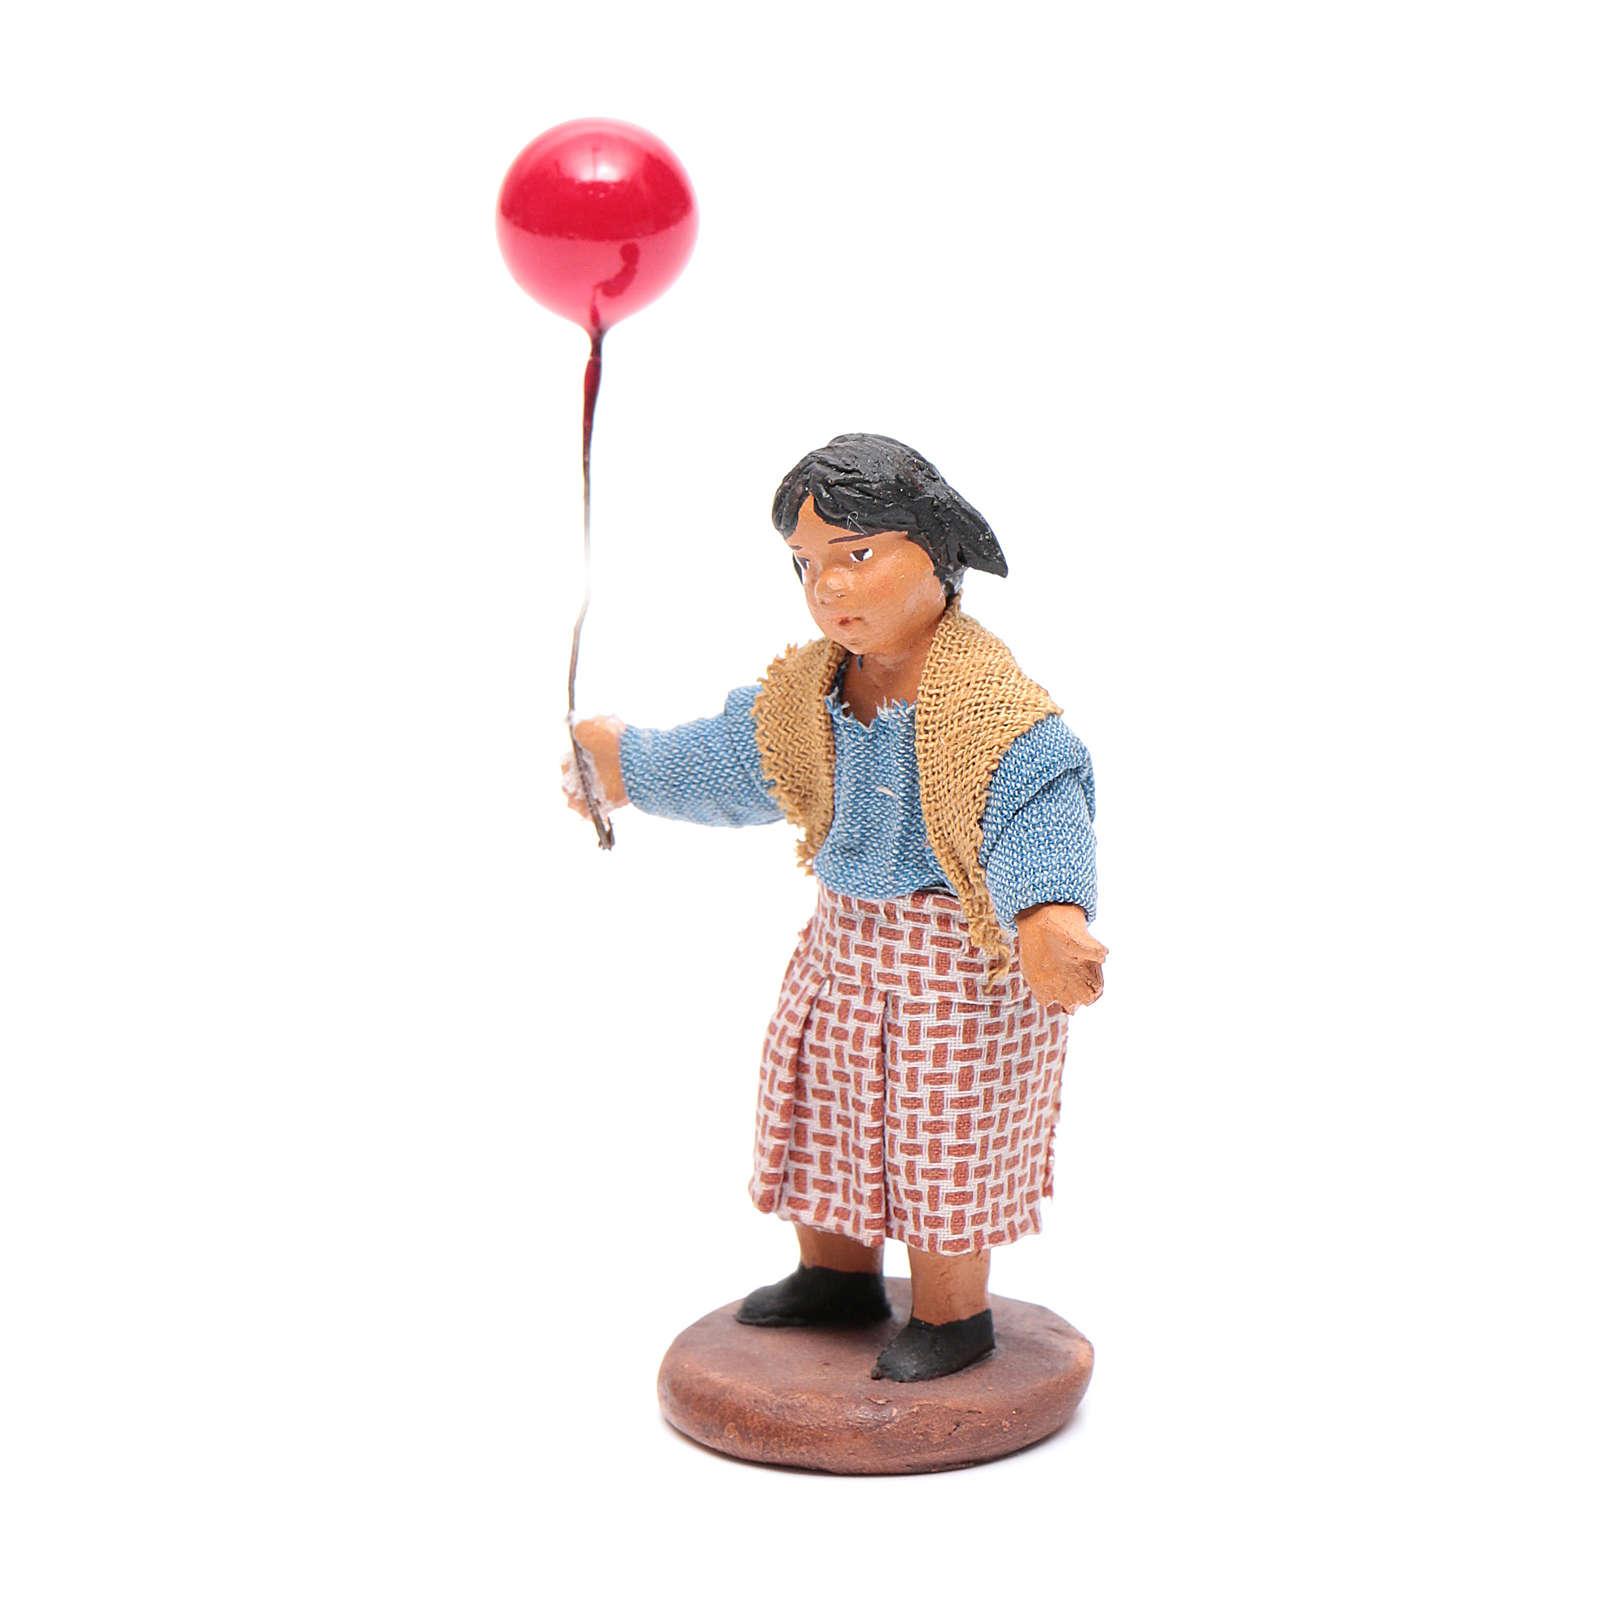 Fanciulla con palloncino 12 cm presepe napoletano 4